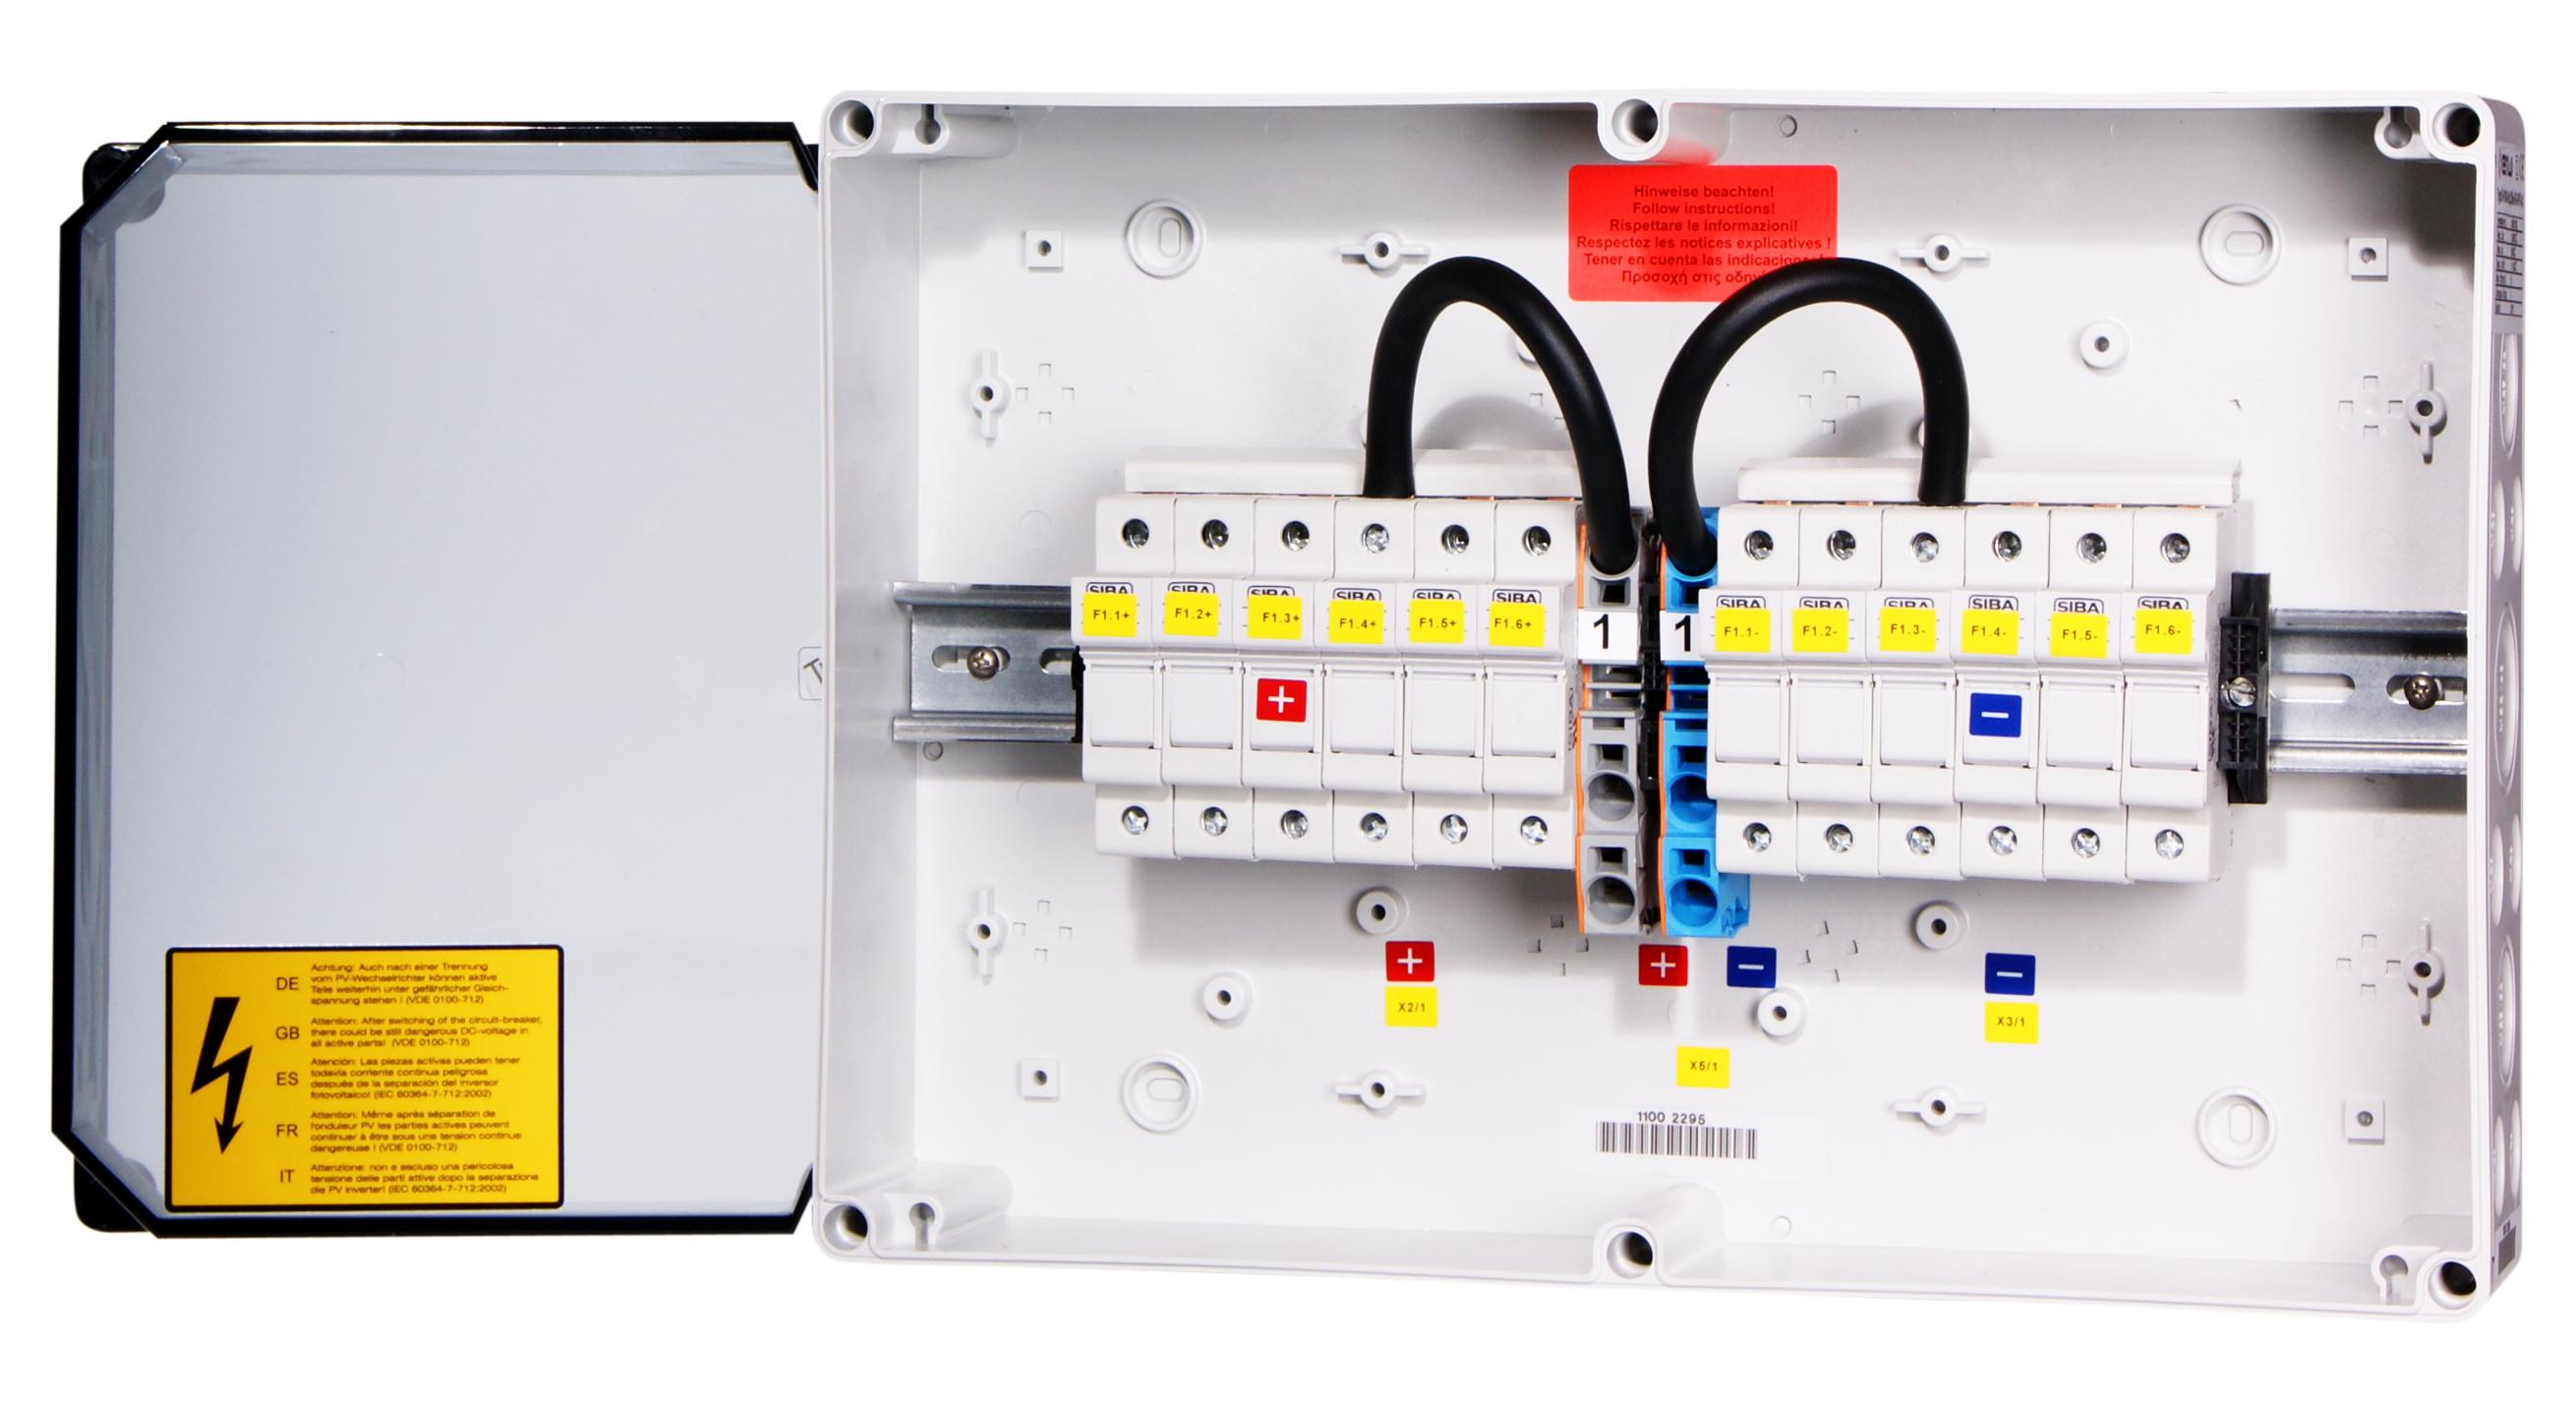 Ziemlich Firewire Flexibler Neondraht Galerie - Der Schaltplan ...